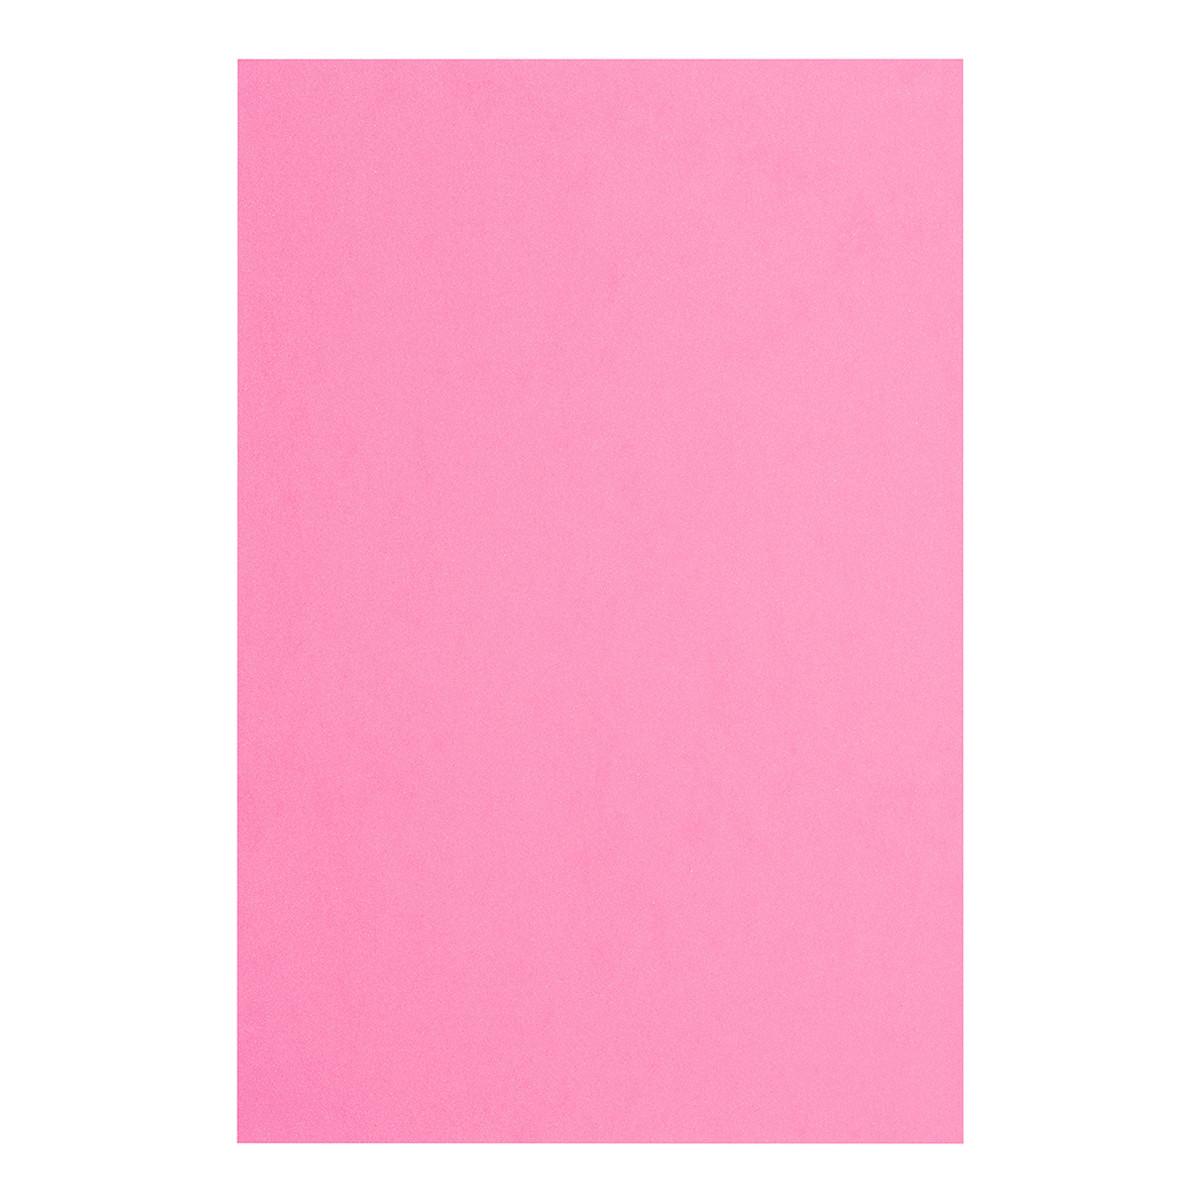 Фоамиран ЭВА розовый, 200*300 мм, толщина 1,7 мм, 10 листов